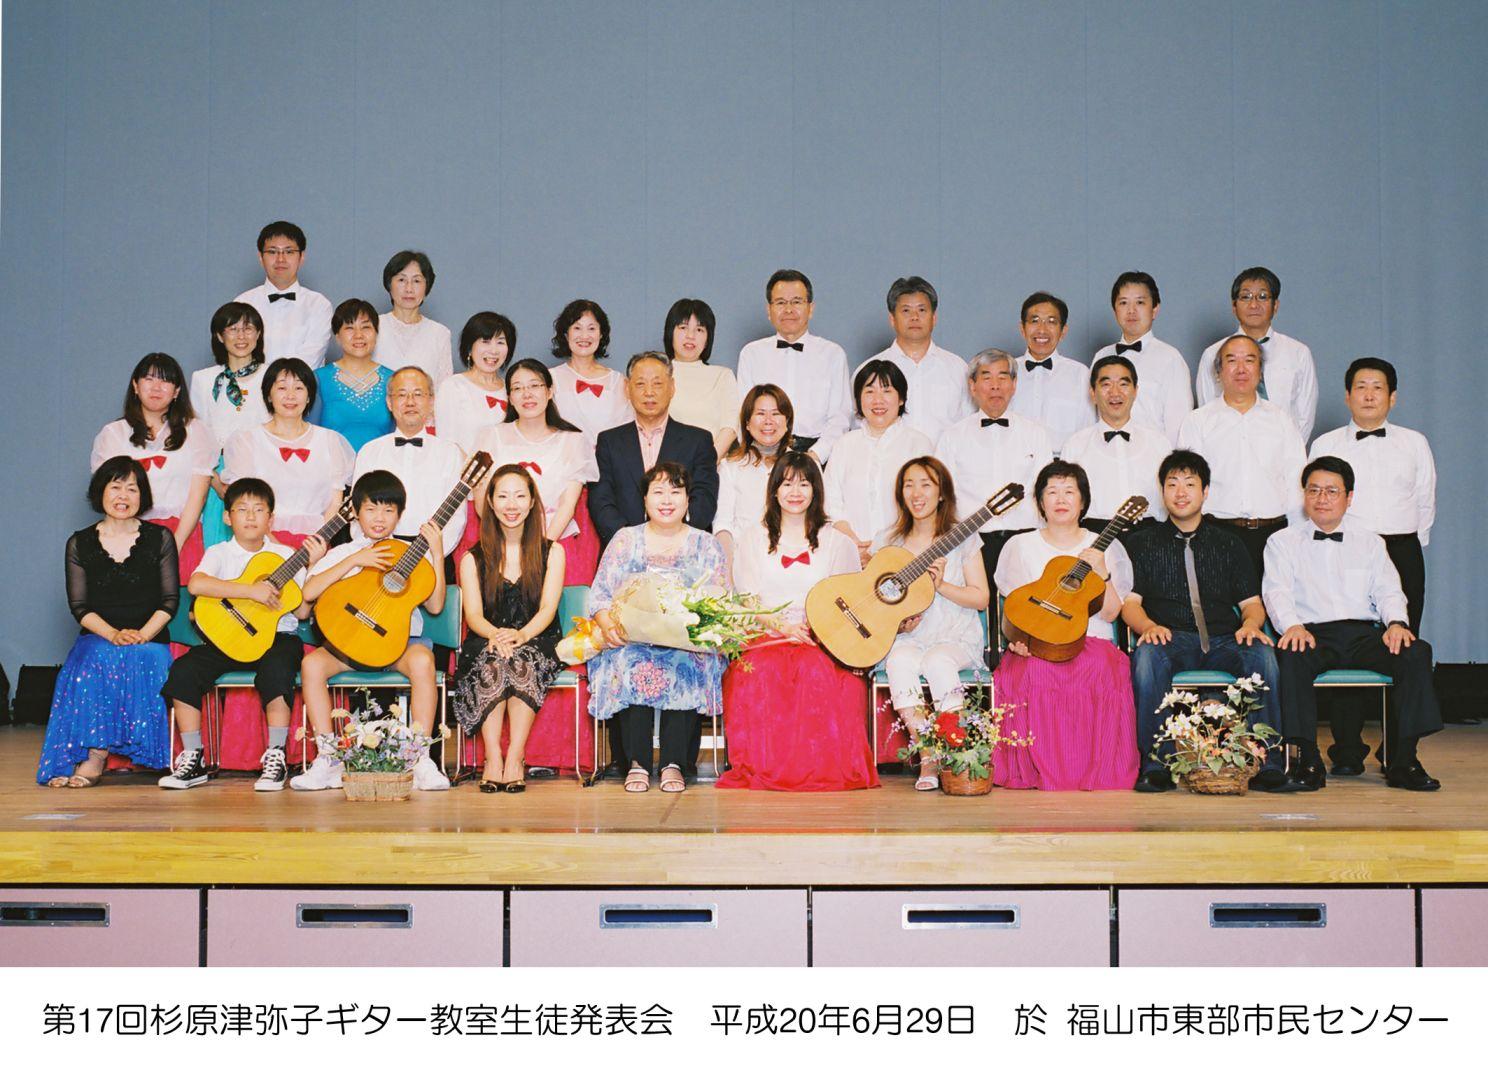 happyoukai_2.jpg